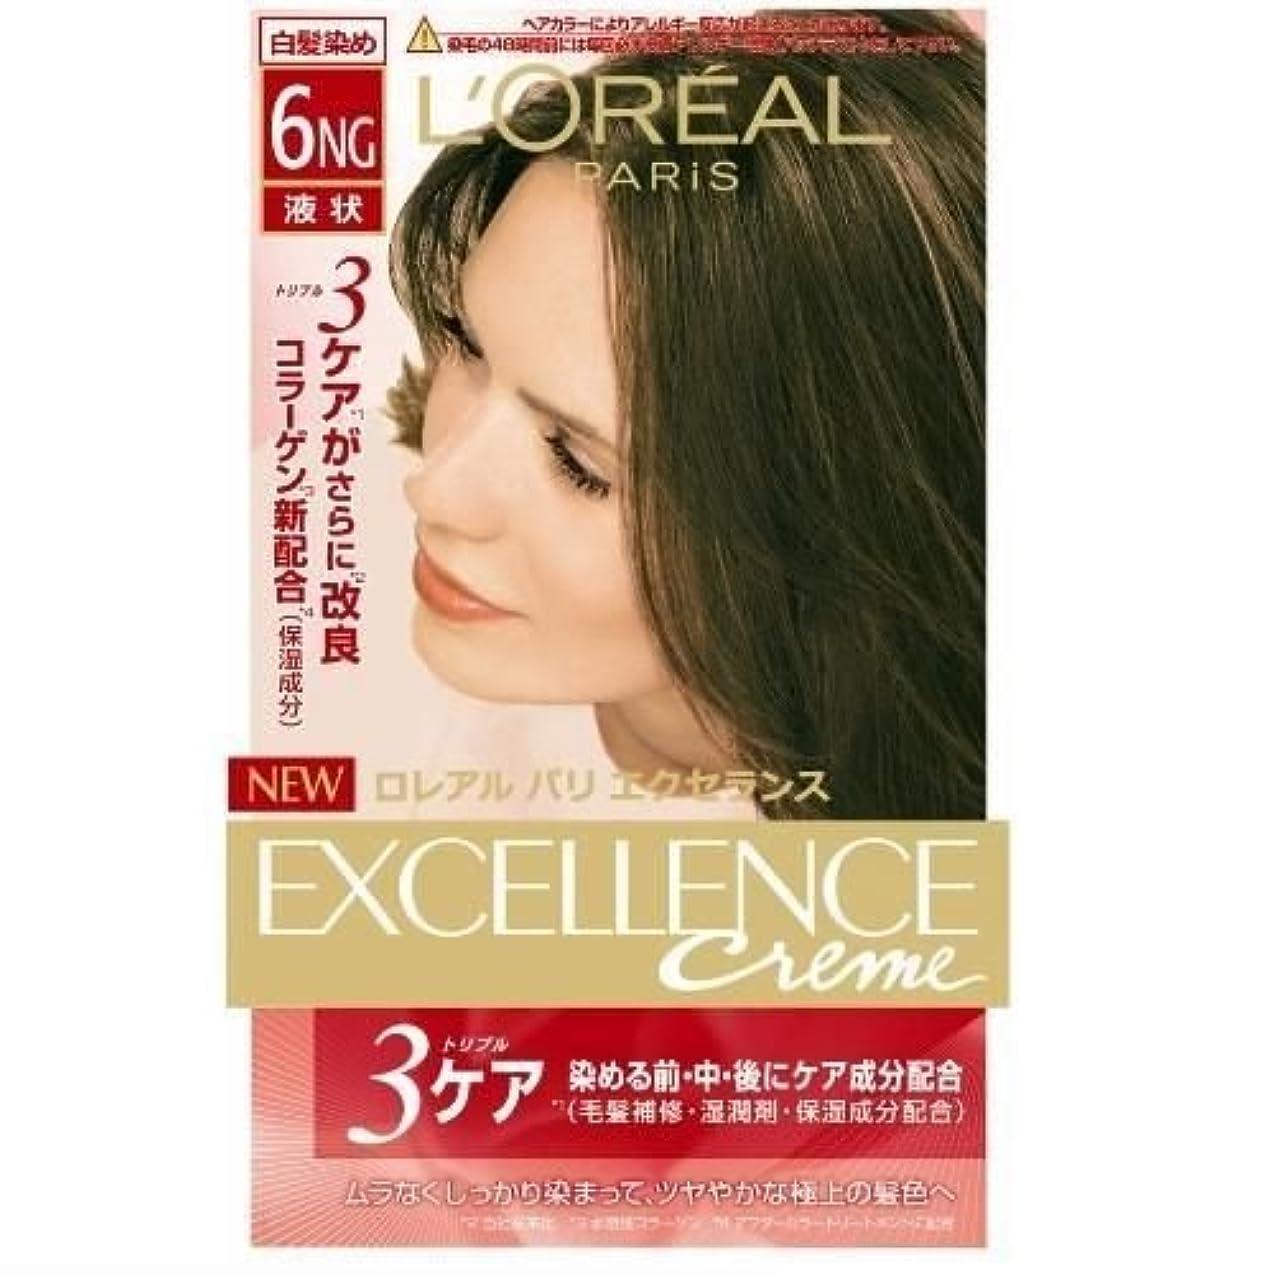 蒸発する獲物一般化するロレアル パリ ヘアカラー 白髪染め エクセランスカラーL 6NG